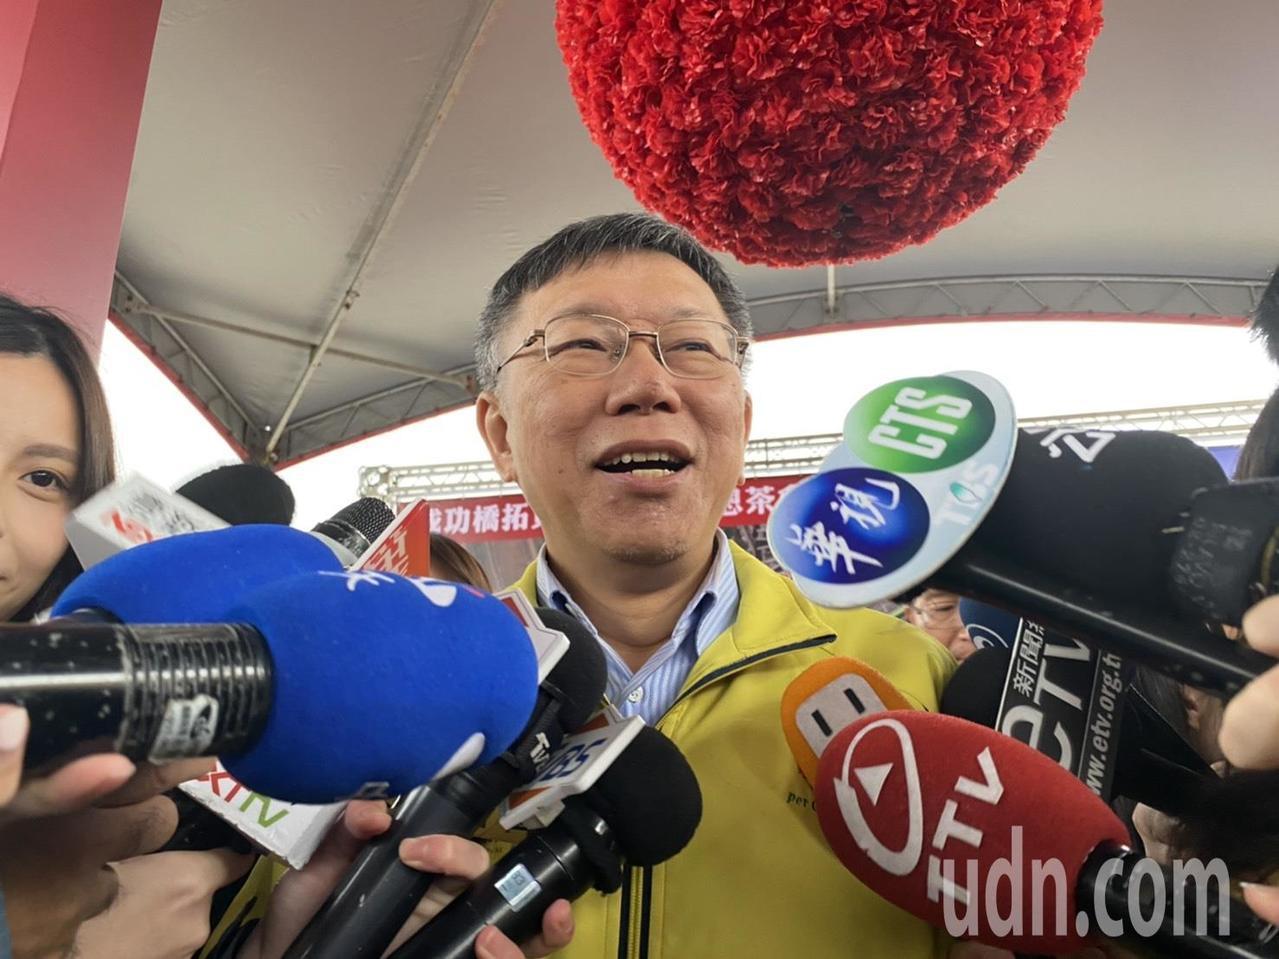 台北市长柯文哲出席成功桥拓宽竣工茶会后接受媒体联访。记者魏莨伊/摄影